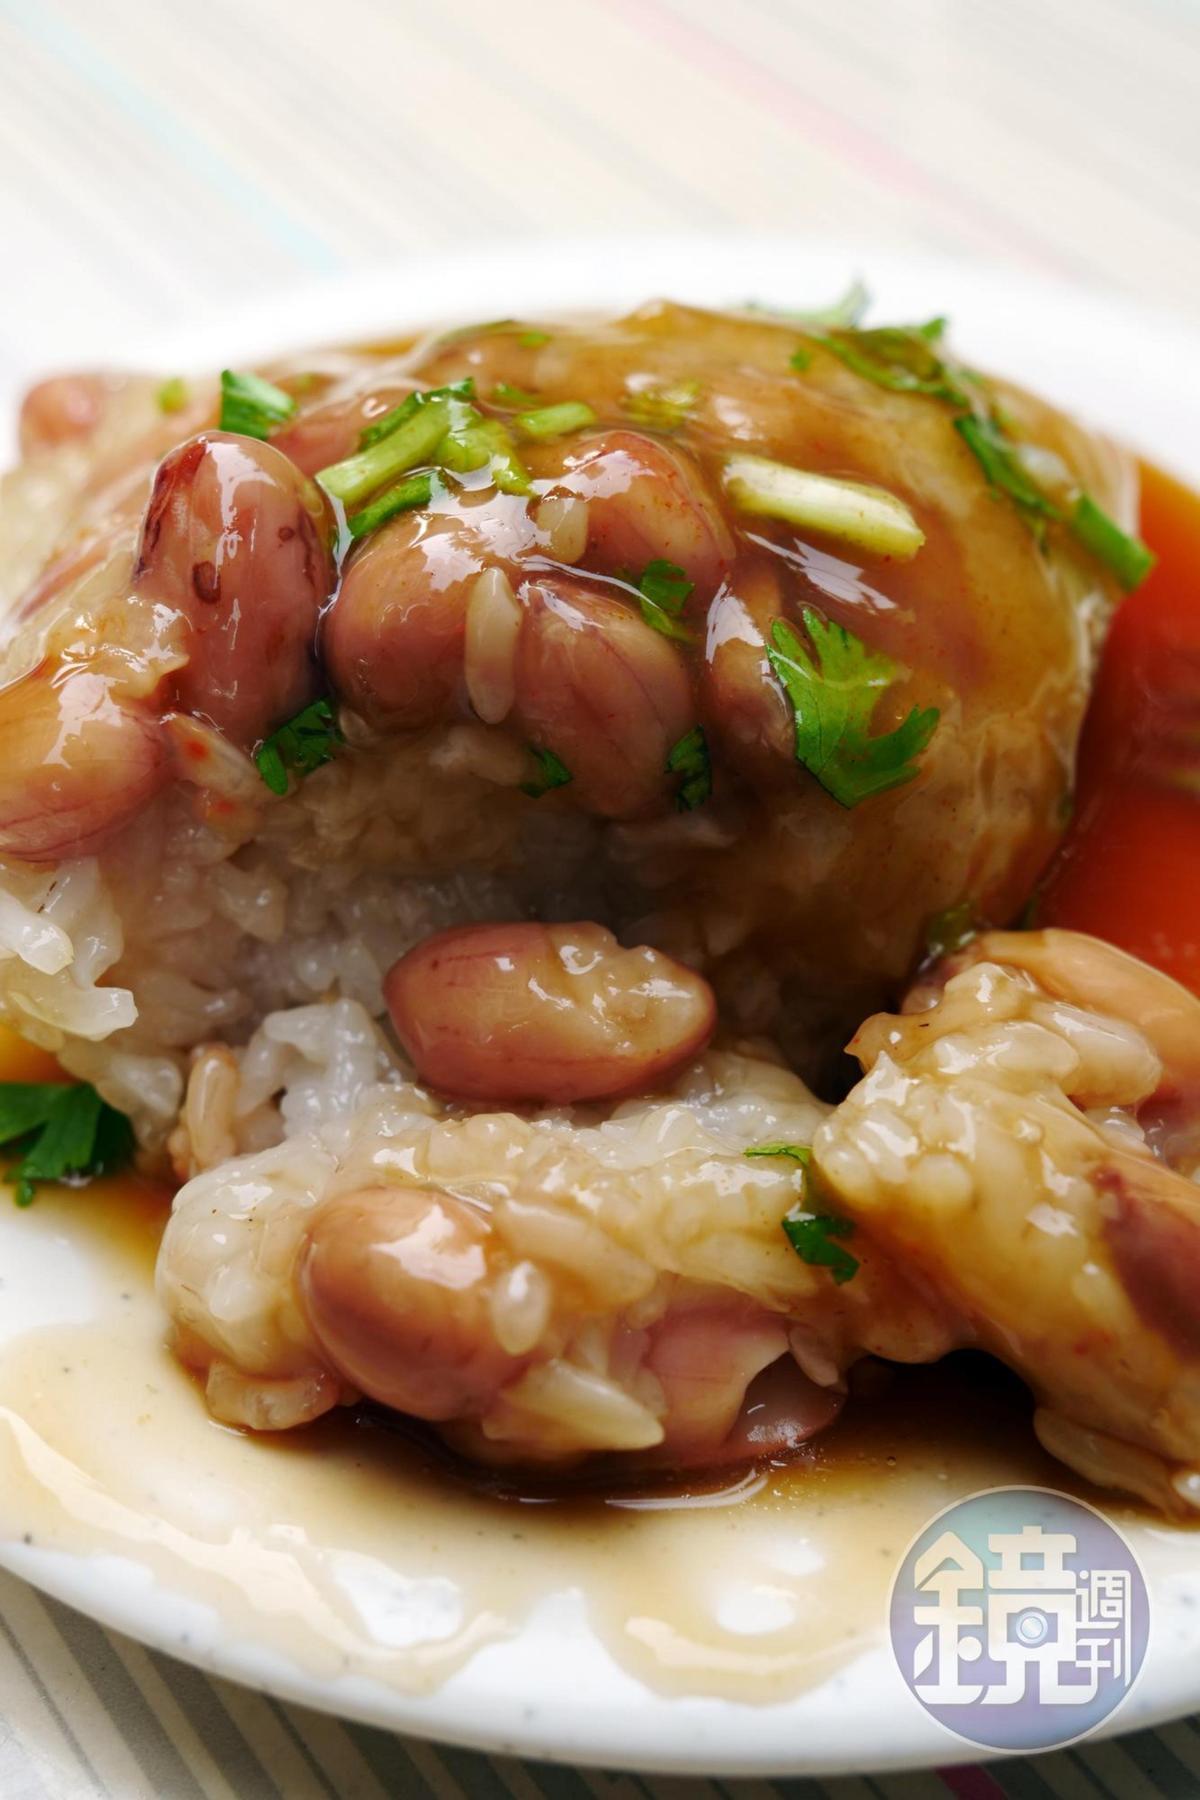 老鄭的菜粽以新米製作,質地鬆彈卻依然粒粒分明。